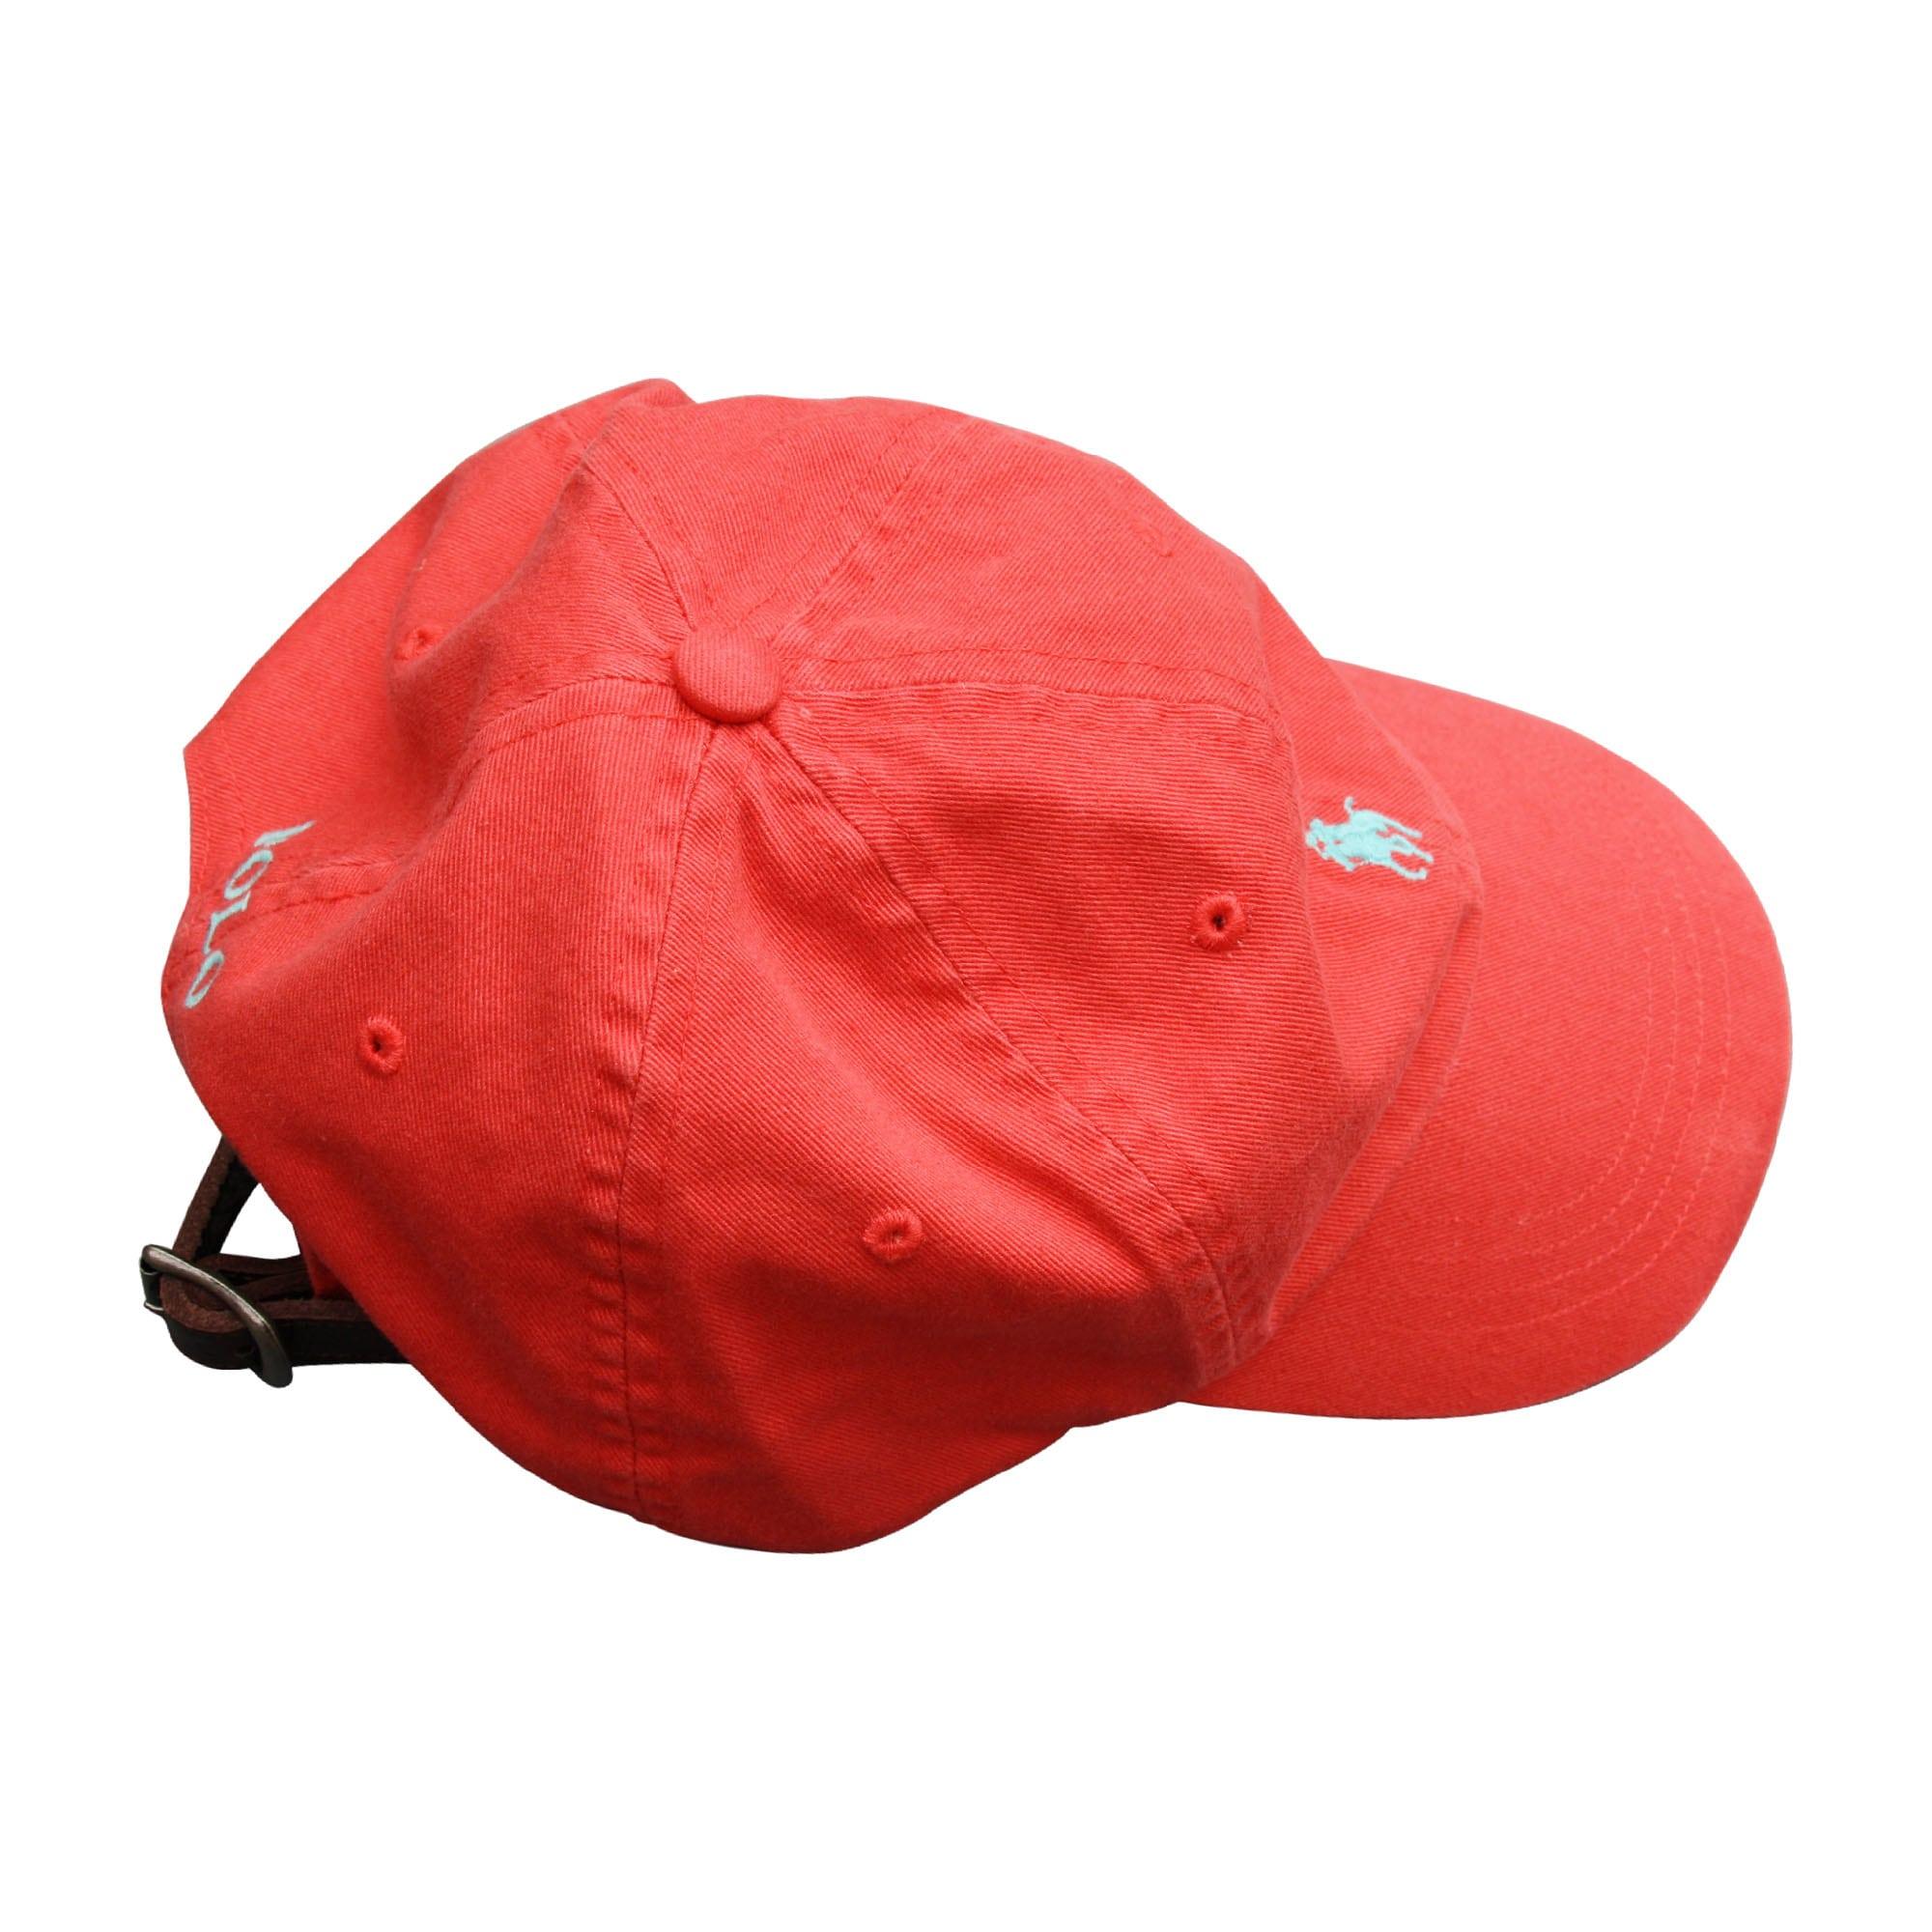 casquette ralph lauren 9 10 ans rouge vendu par flora. Black Bedroom Furniture Sets. Home Design Ideas